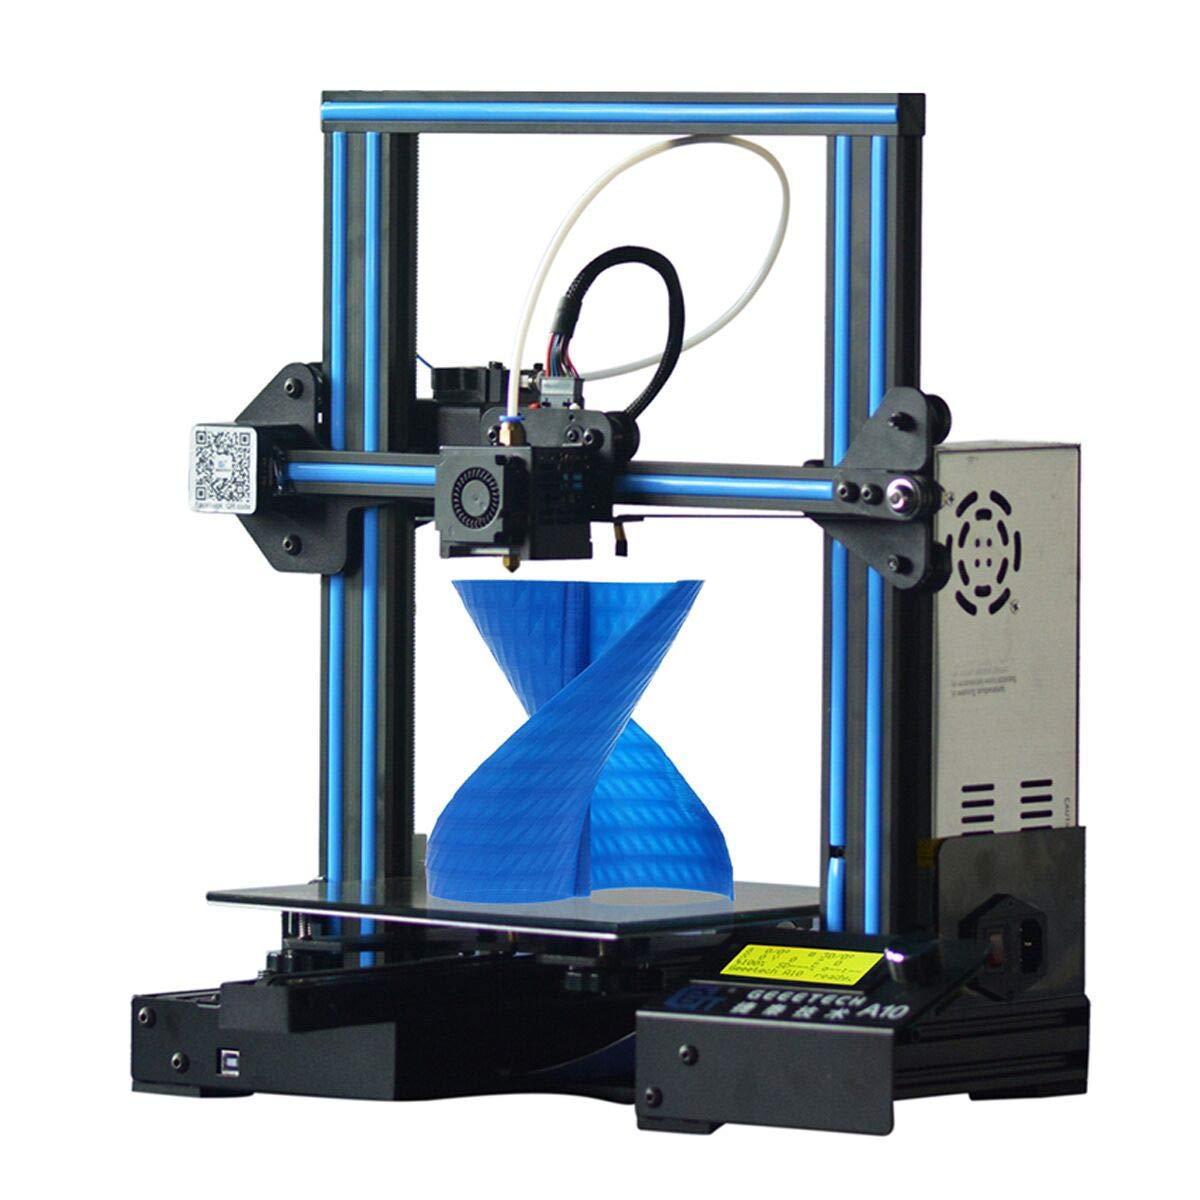 GEEETECH A10 imprimante 3D Assemblage rapide Aluminium Prusa I3 kit avec Une Taille d'impression de 220x220x260mm,Reprise du travail en cas de panne électrique, Carte Mère GT2560 OpenSource